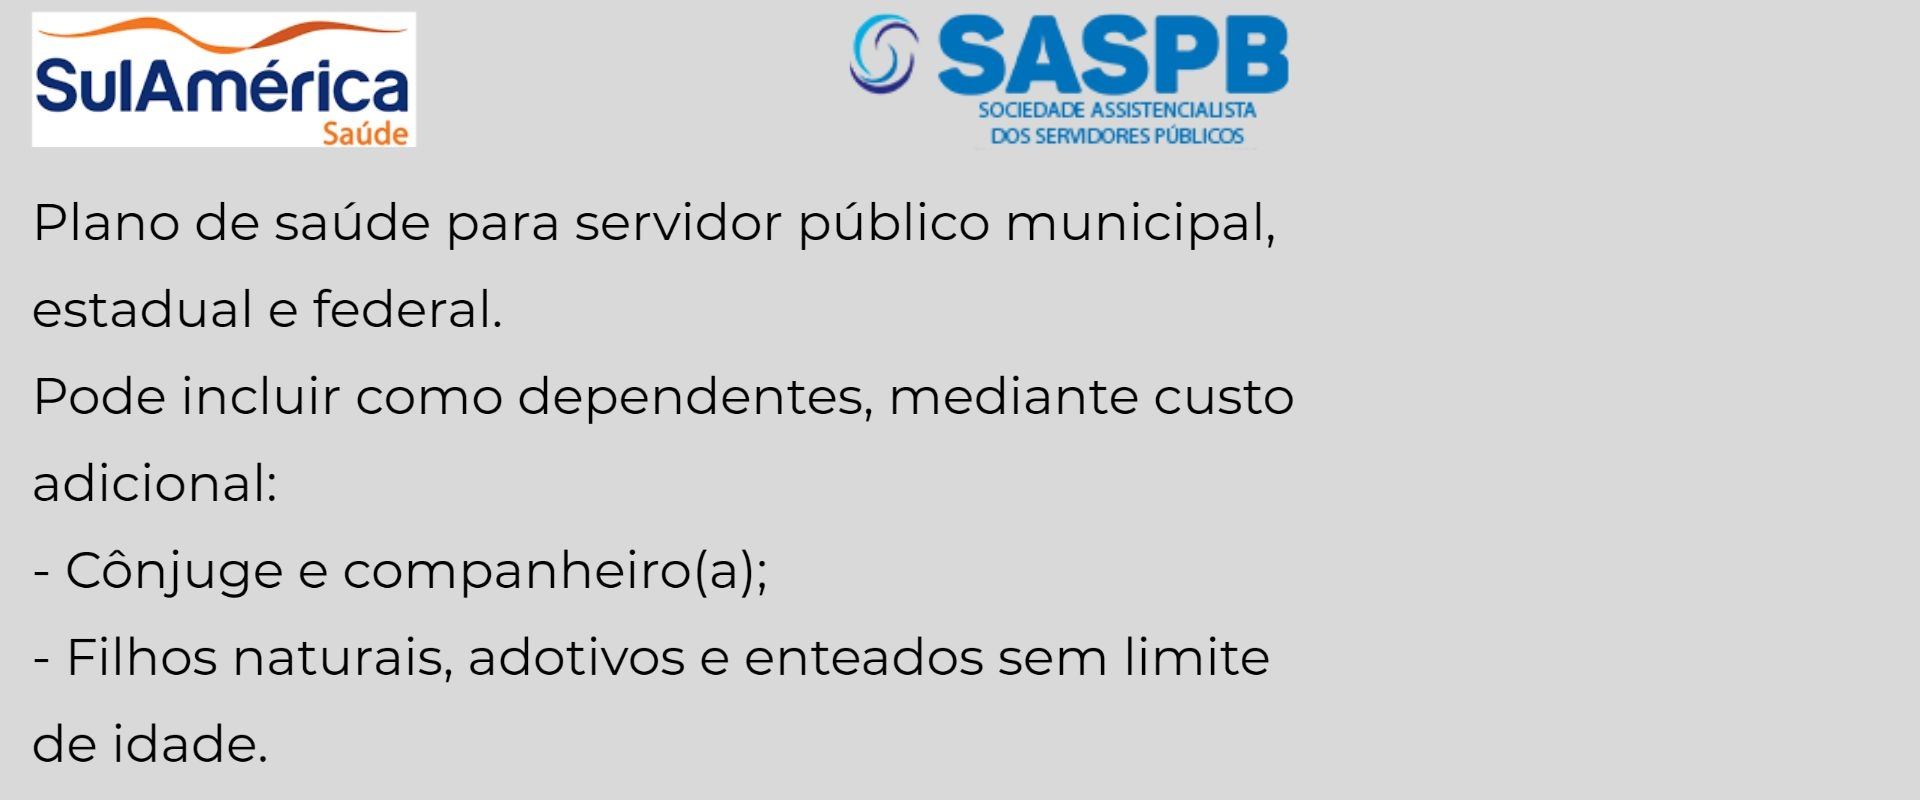 Sul América Saúde SASPB-BA